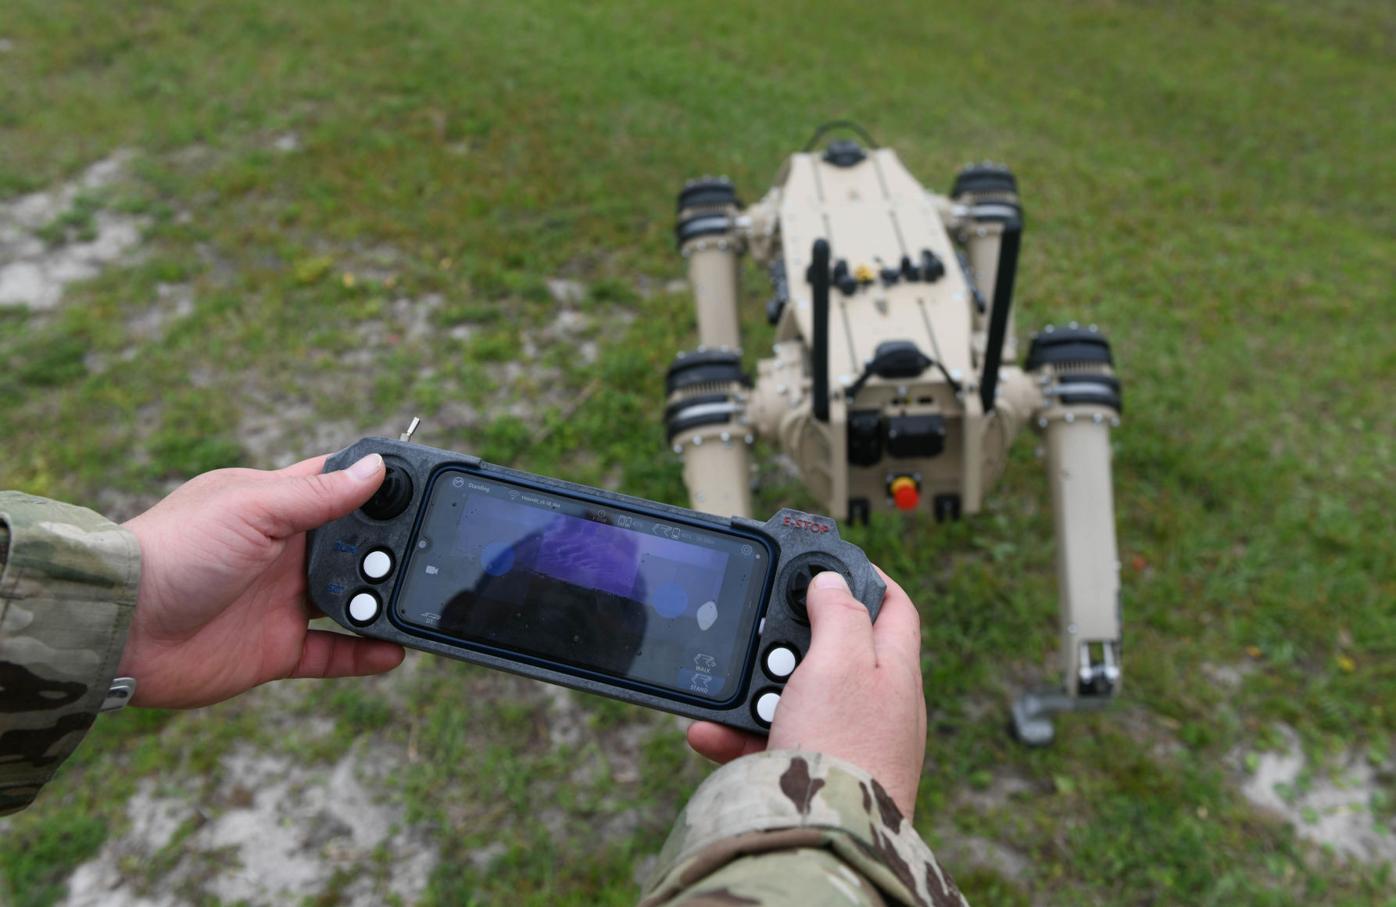 Quad-legged Unmanned Ground Vehicle